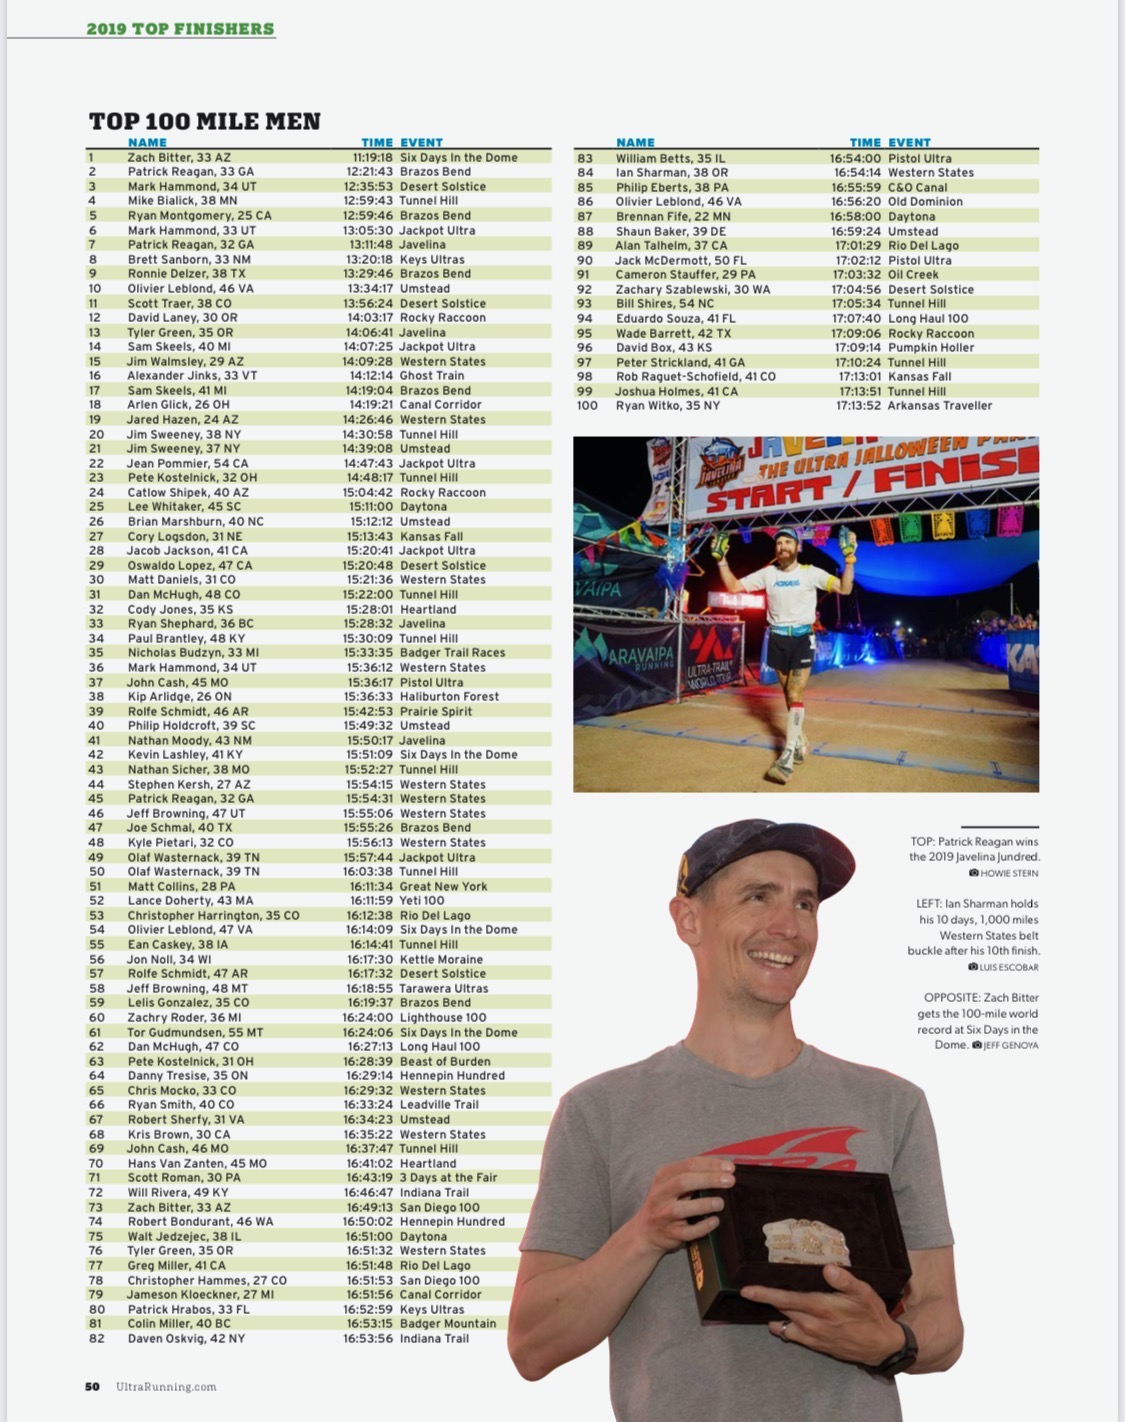 2019 Top 100 Mile Men